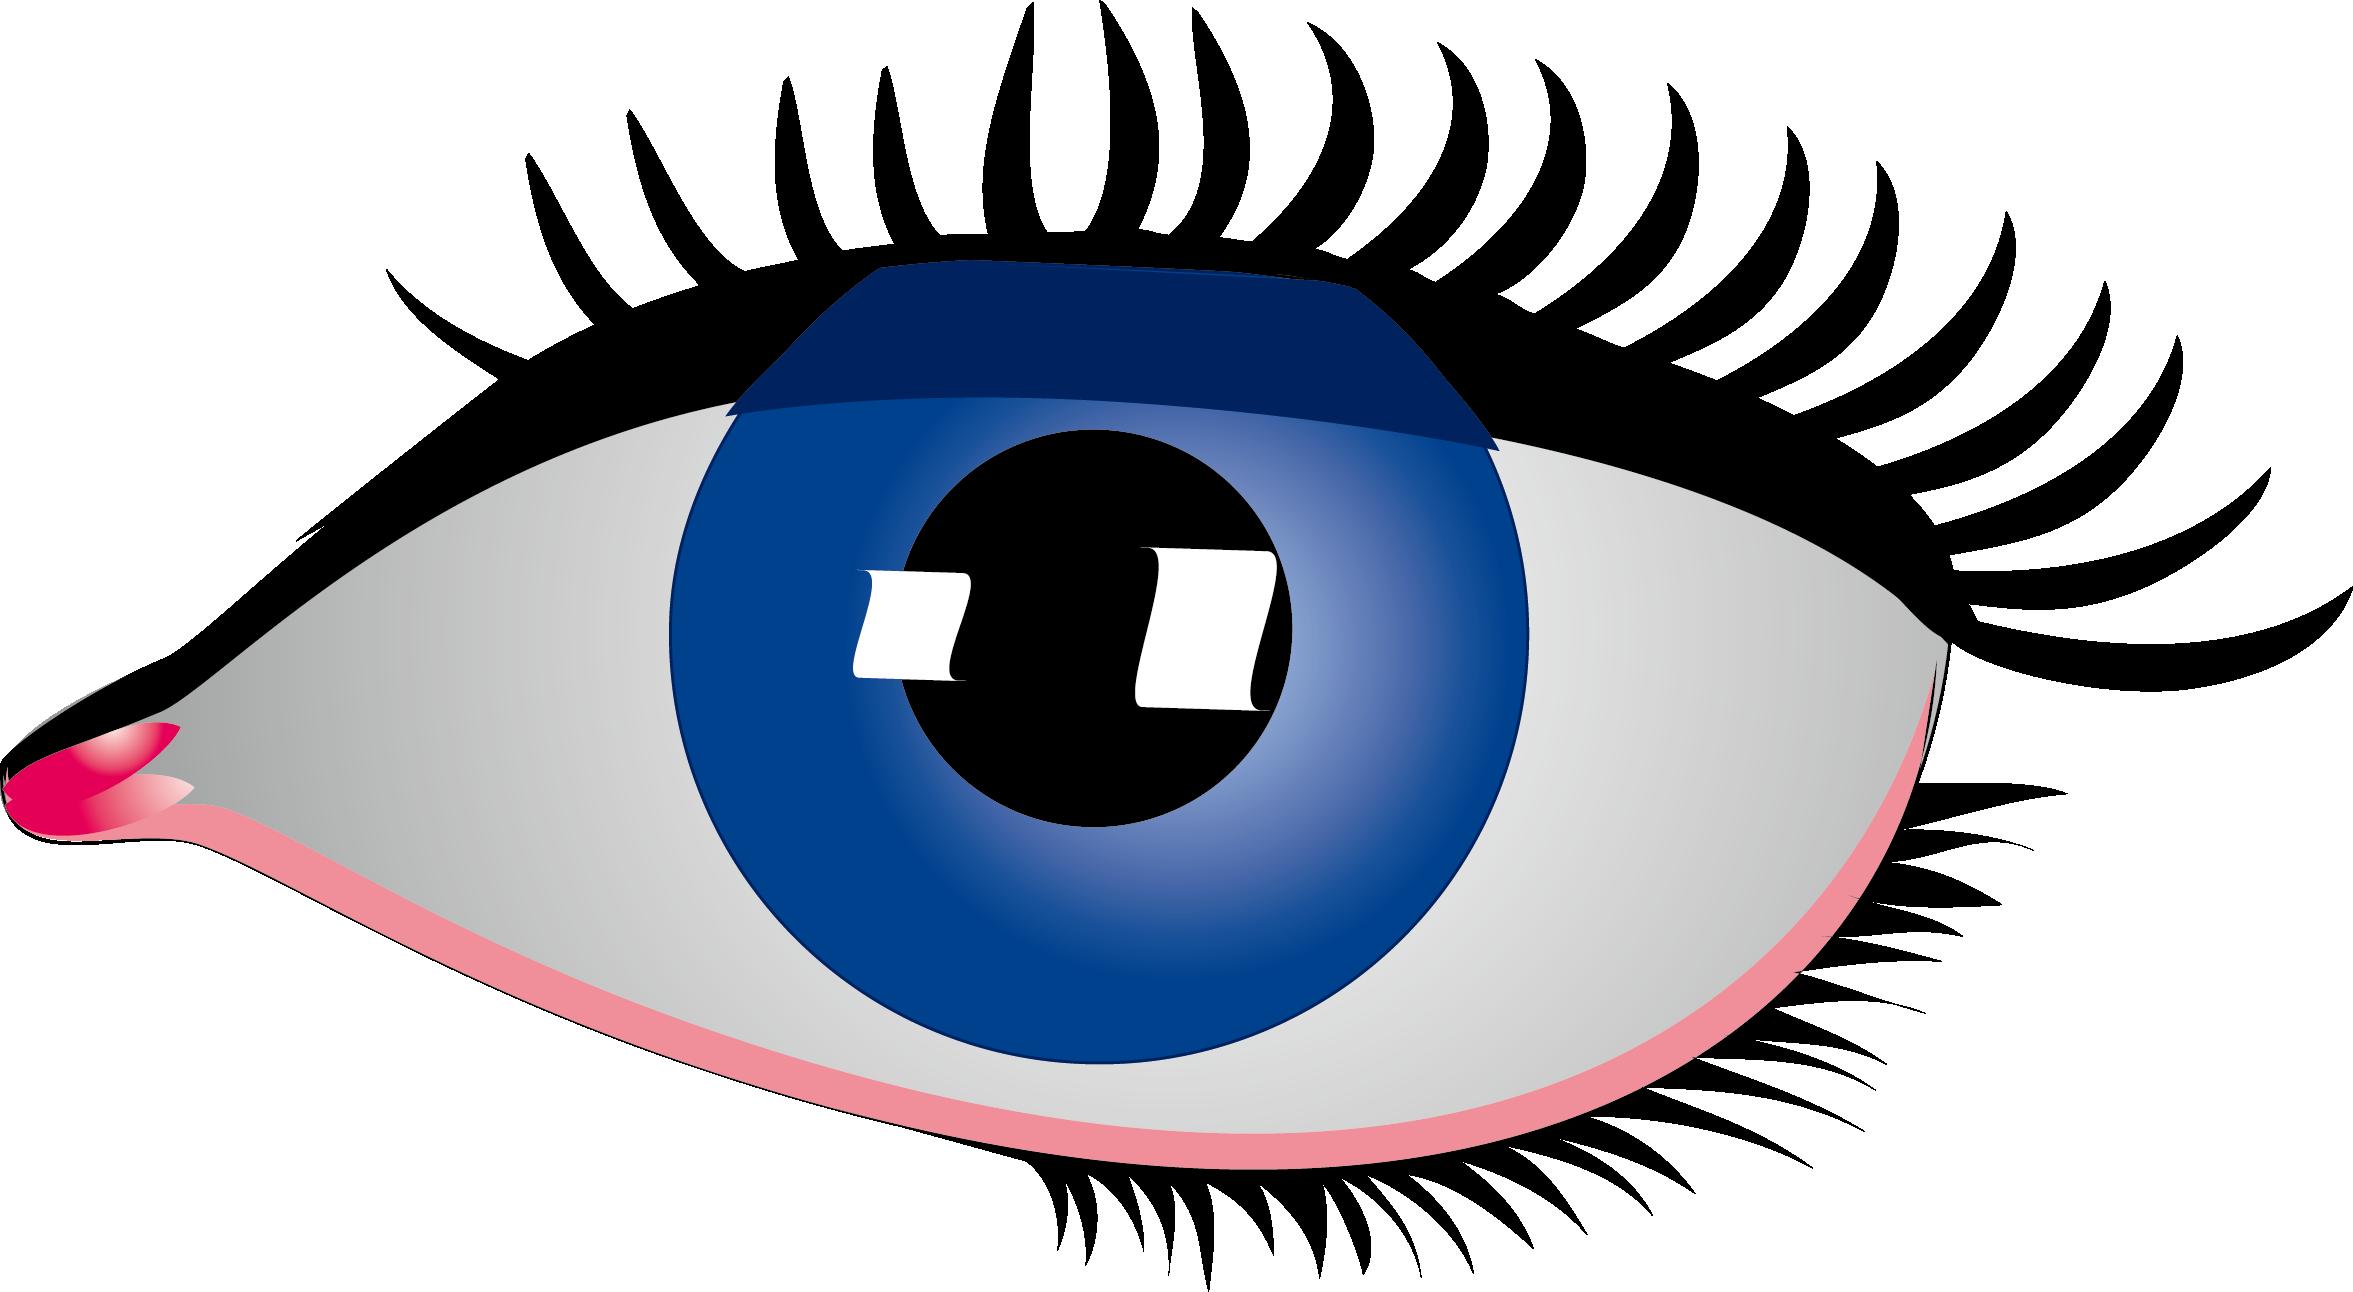 Eyeballs clipart closer look, Eyeballs closer look.